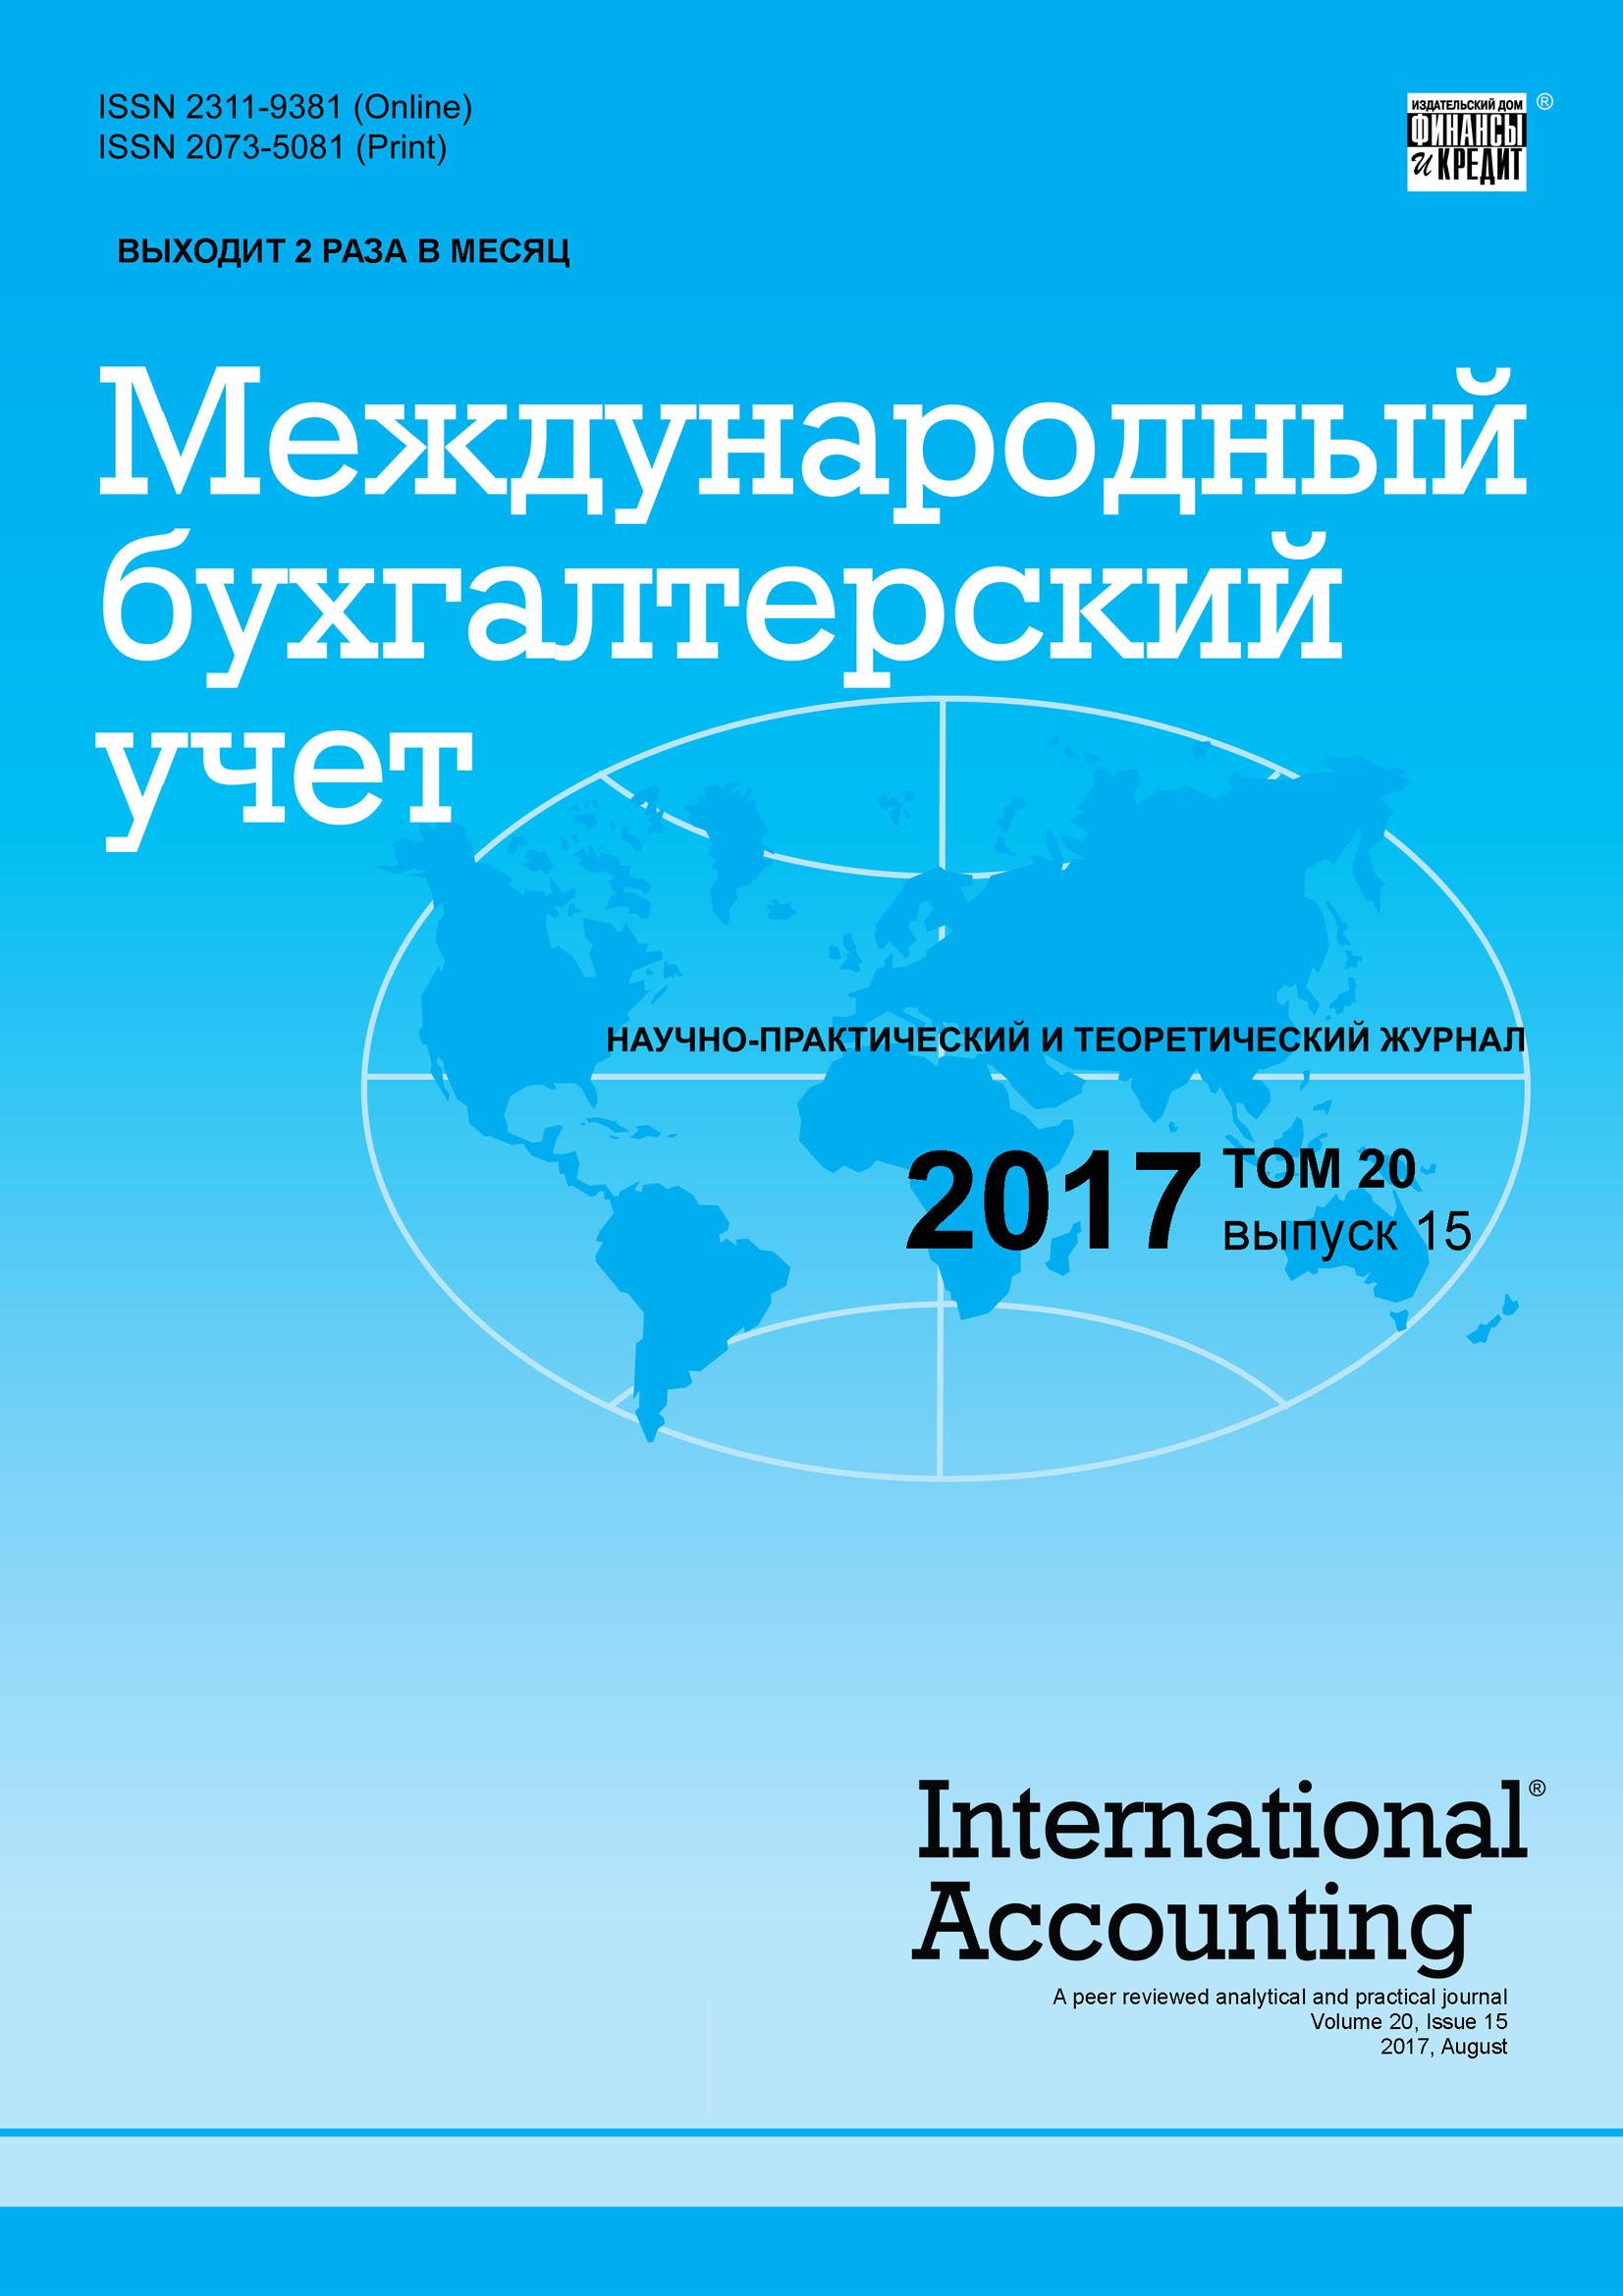 Международный бухгалтерский учет № 15 2017